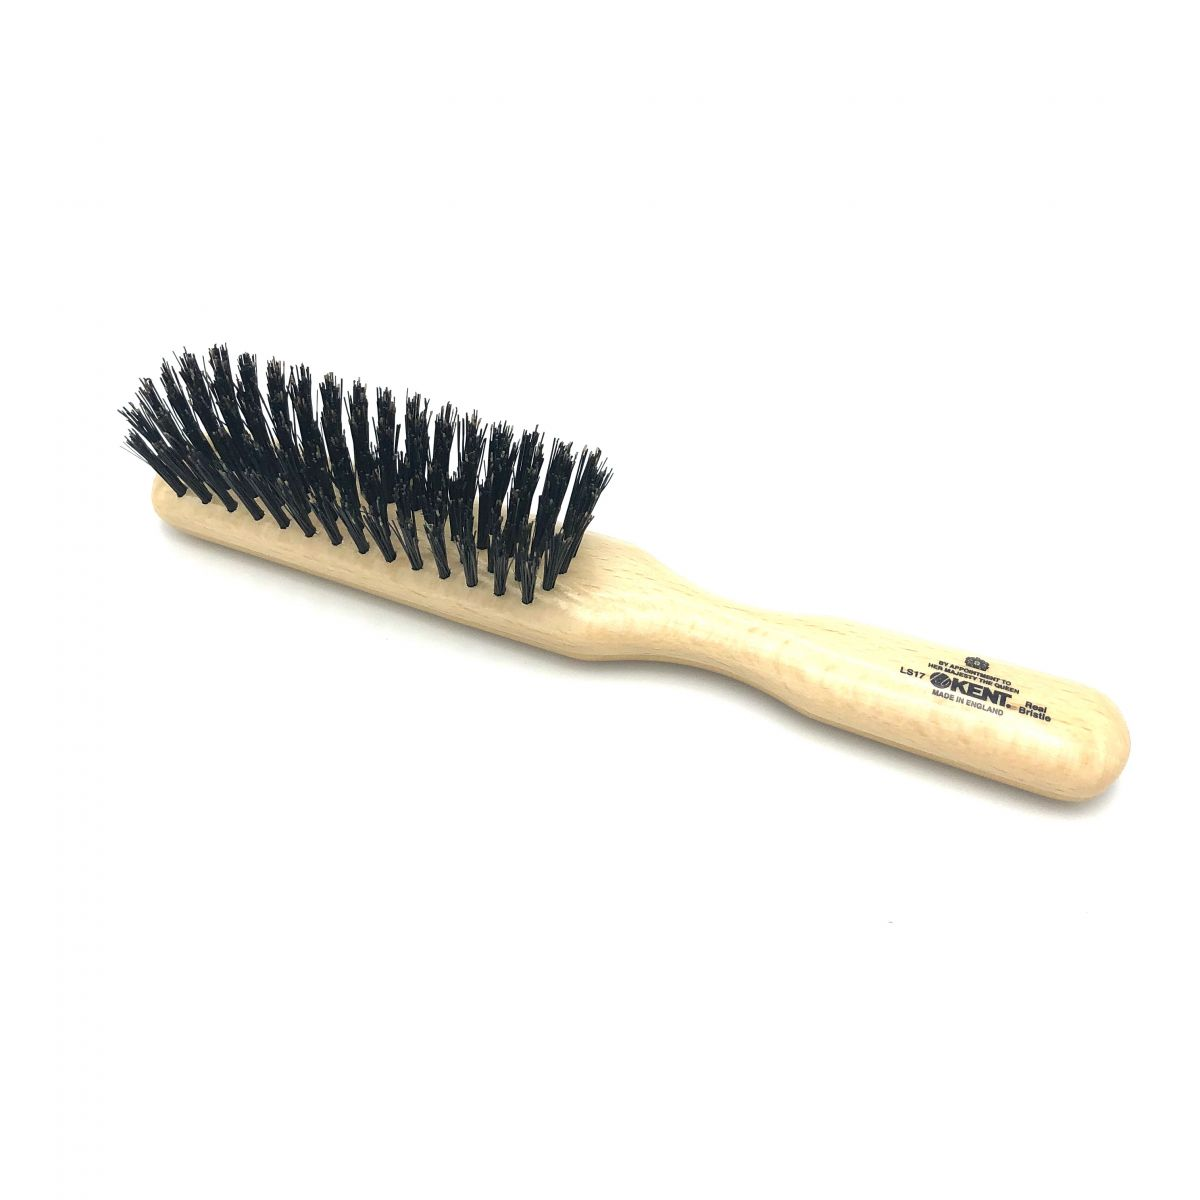 Haarbürste schmal mit extra festen Wildschweinborsten